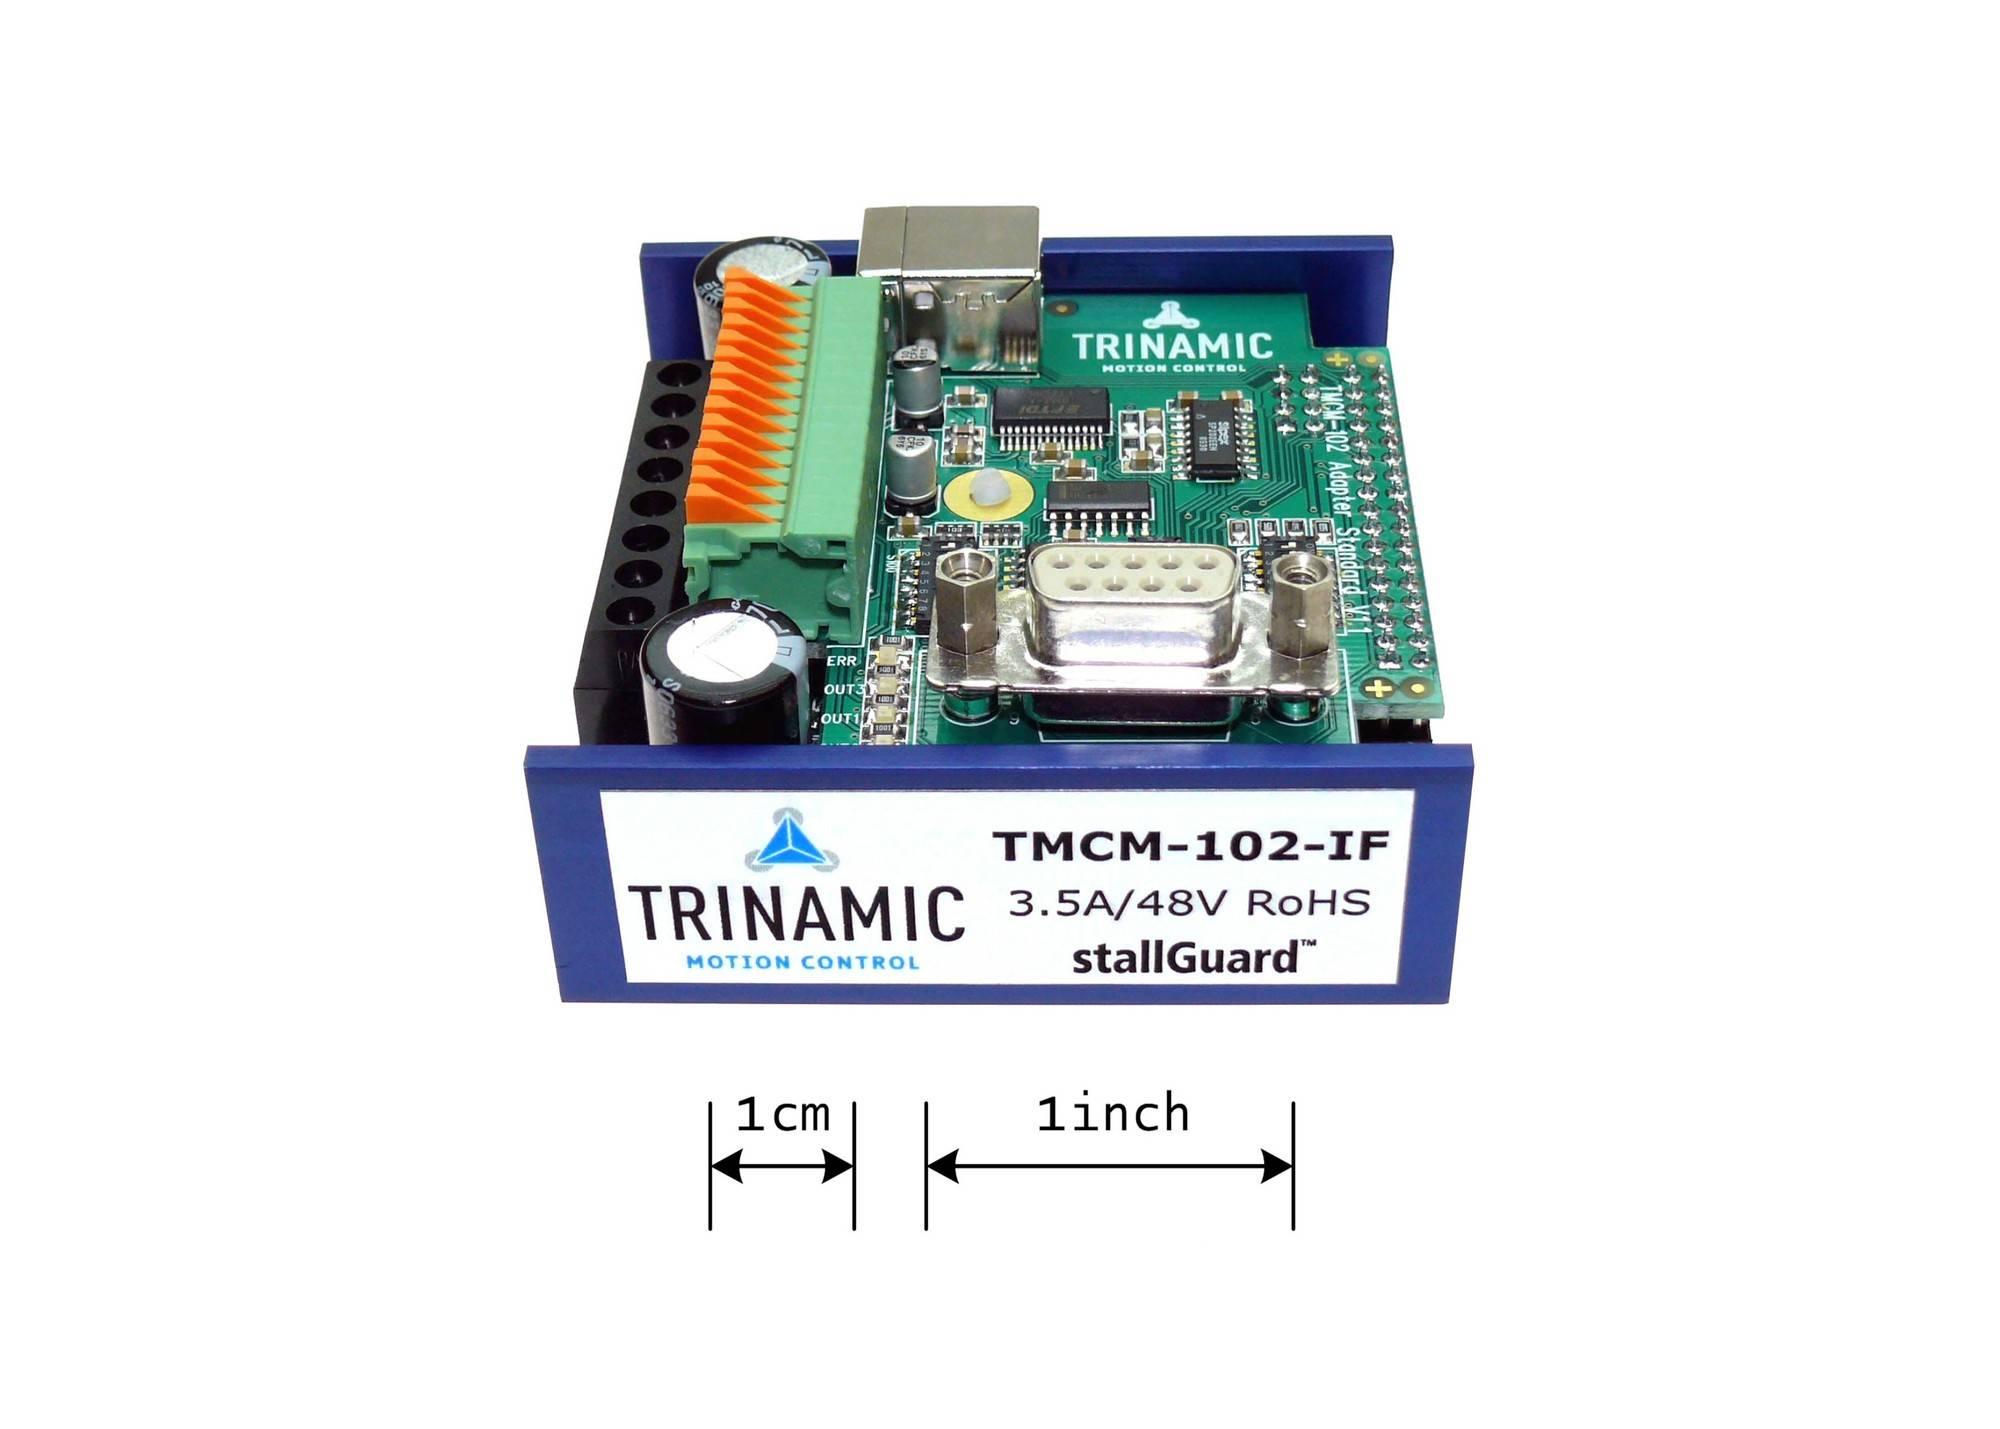 TMCM-102